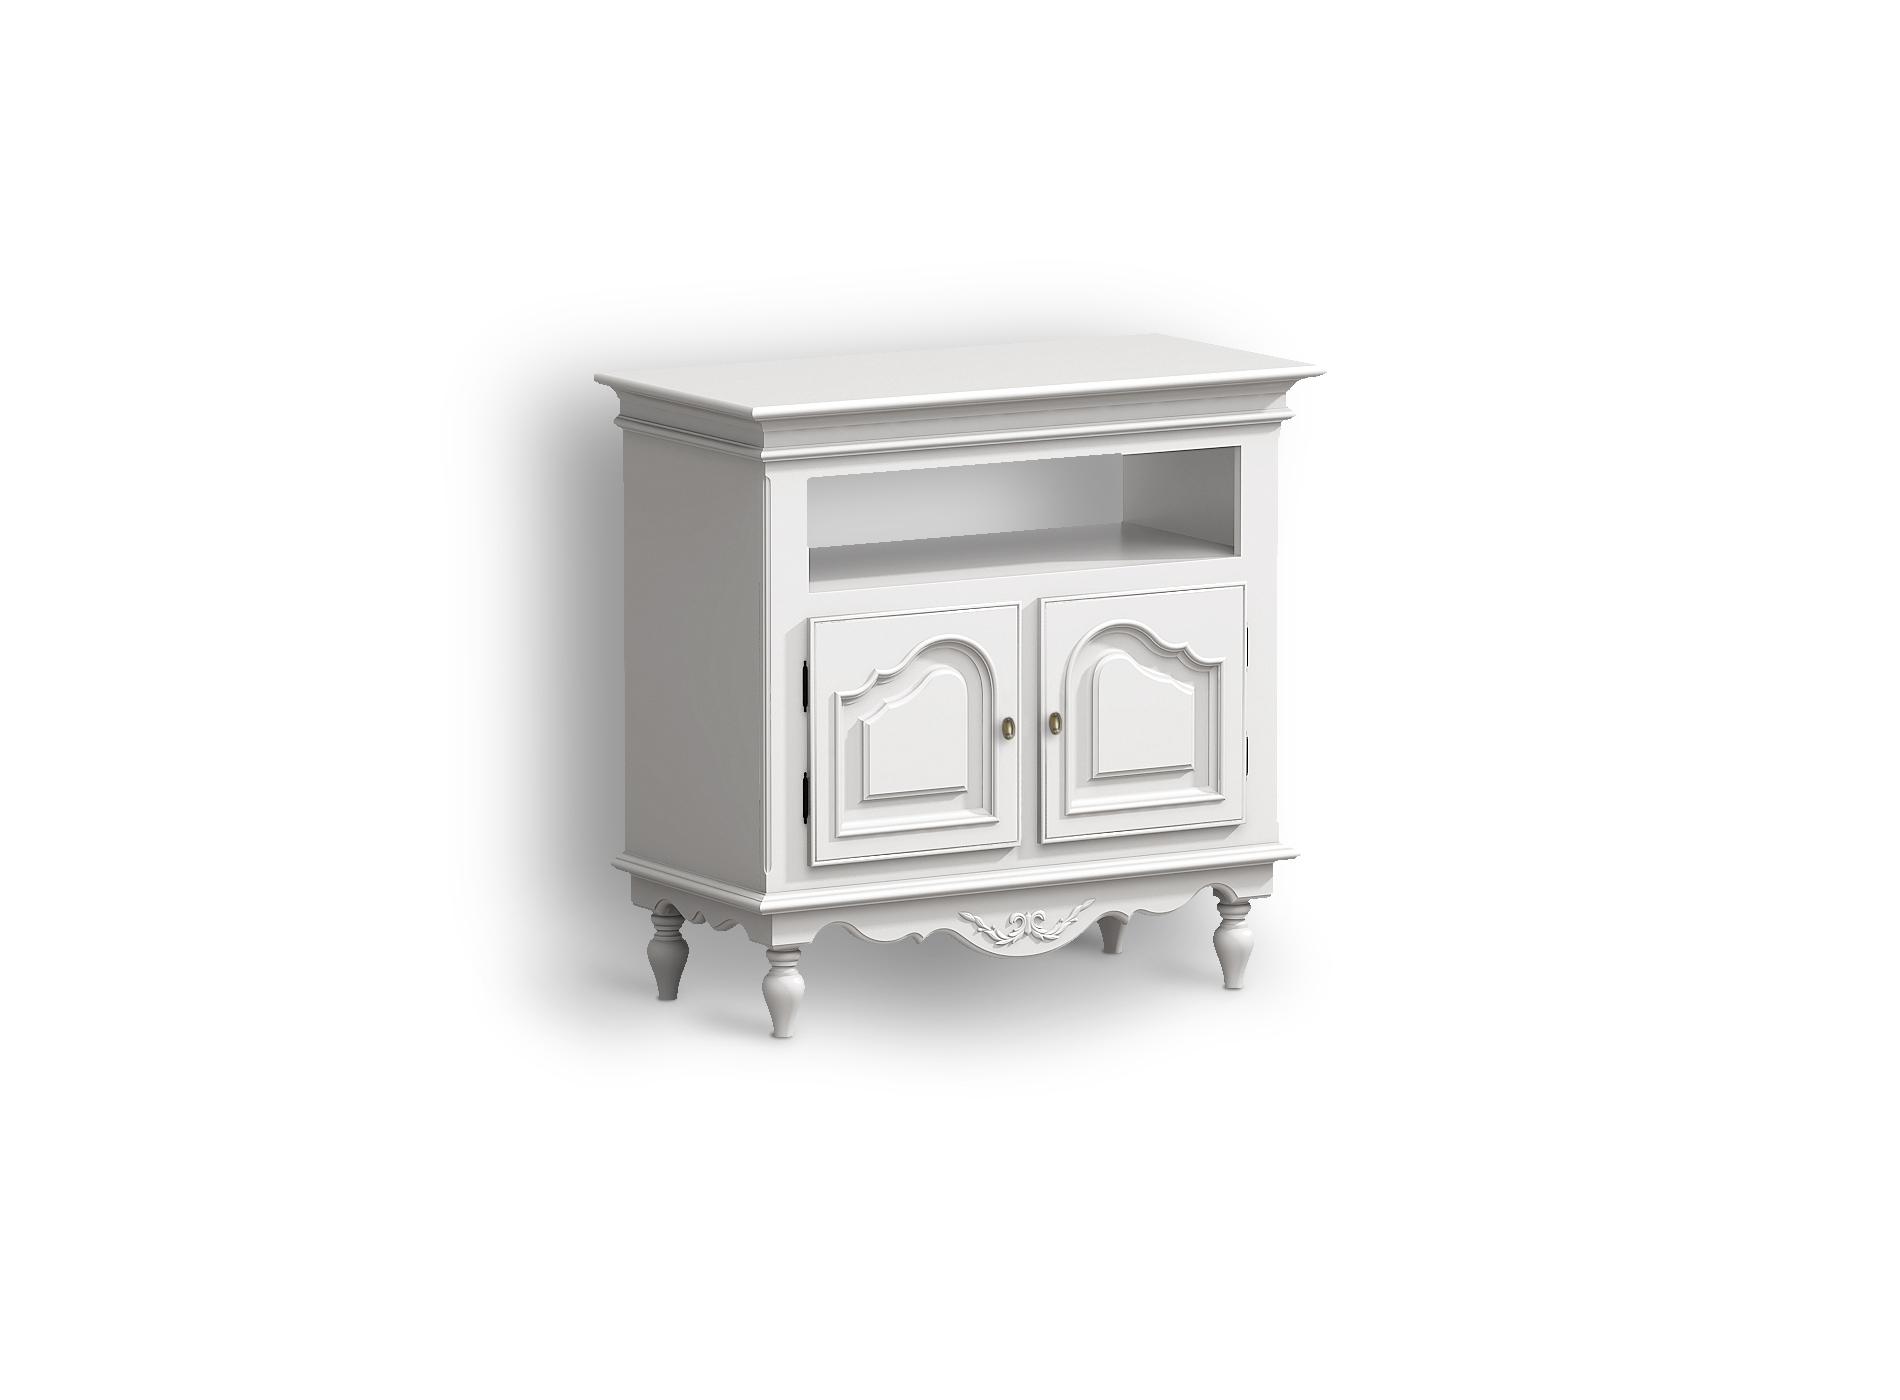 Тумба под ТВ Снежный ПровансТумбы под TV<br>Белая мебель Прованс для гостиной, спальни, столовой, кабинета отлично впишется в Ваш загородный дом. Белая высококачественная мебель &amp;quot;Снежный Прованс&amp;quot; также может послужить в качестве обстановки детской комнаты подростка. Это функциональная удобная мебель европейского качества. Коллекция изготовлена из массива бука (каркасы и точеные элементы мебели) и из высококачественного МДФ (филенчатые части) и соответствует немецким стандартам для детской мебели.<br>Мебель &amp;quot;Снежный Прованс&amp;quot; имеет плавные изогнутые формы и украшена потертым вручную декором в виде оливковой ветви.<br><br>Material: Бук<br>Ширина см: 90<br>Высота см: 86<br>Глубина см: 44